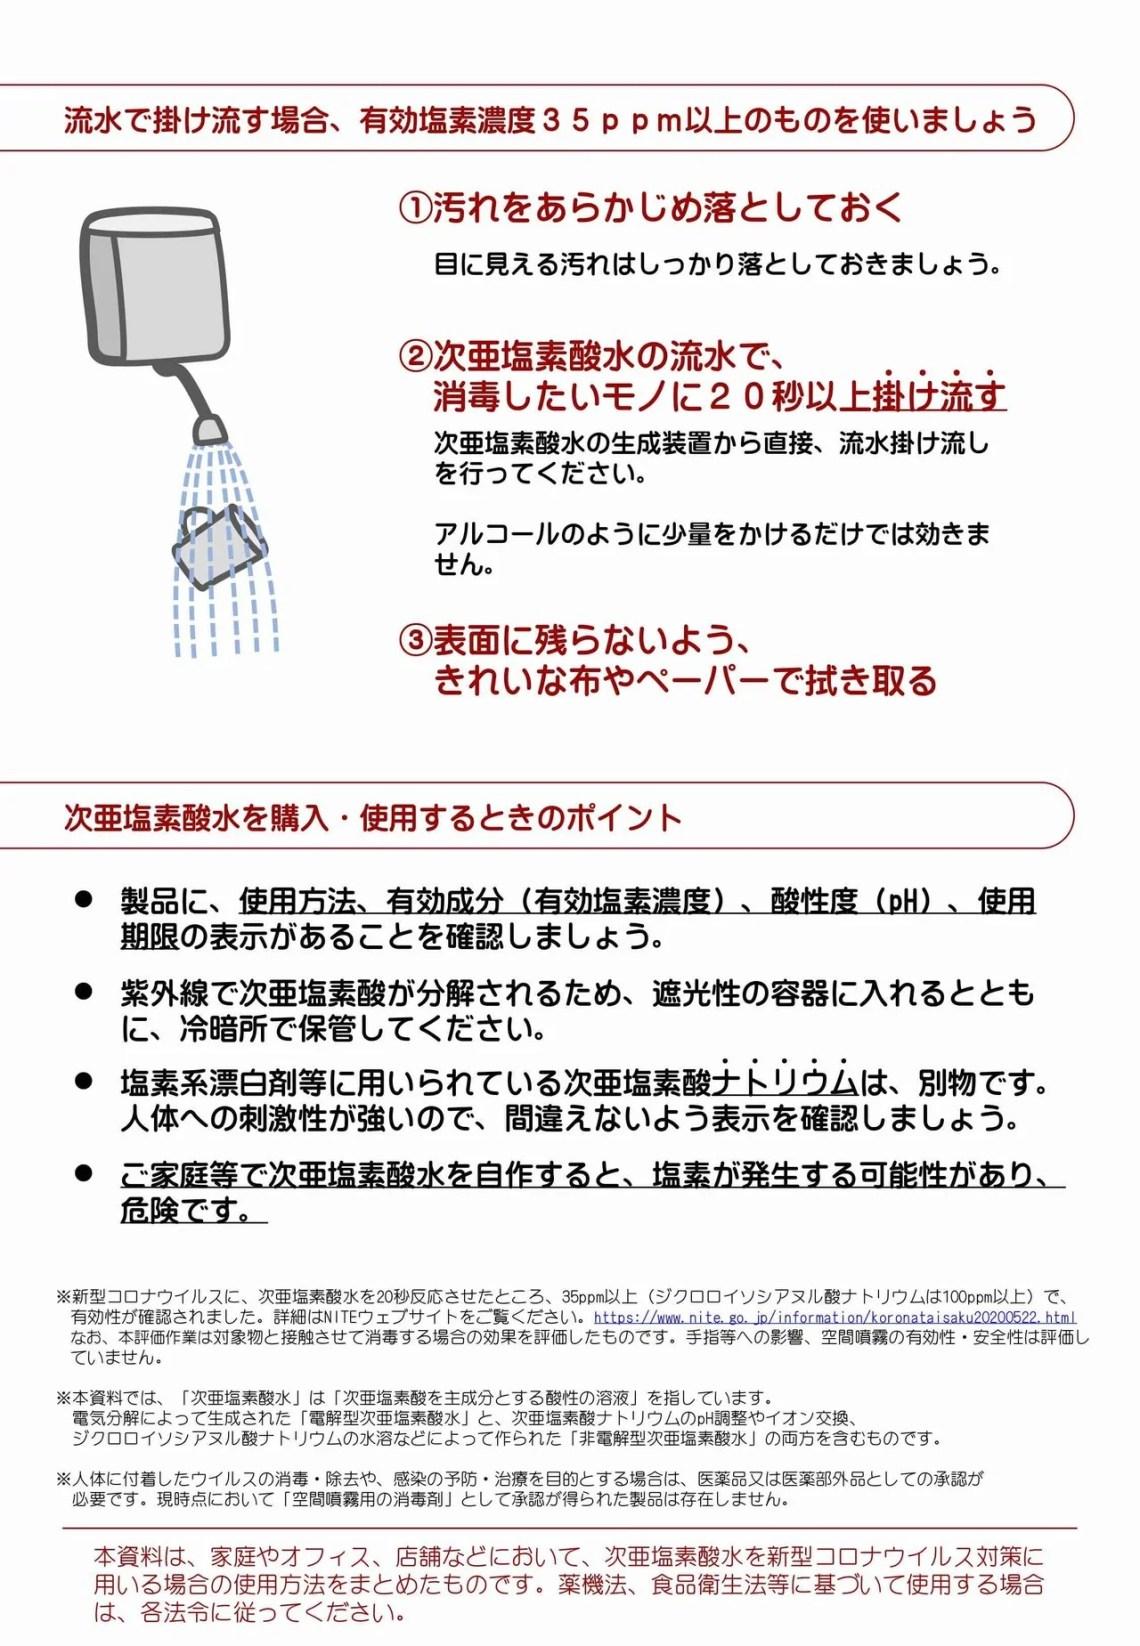 20200626013-4 「次亜塩素酸水」の使い方について2